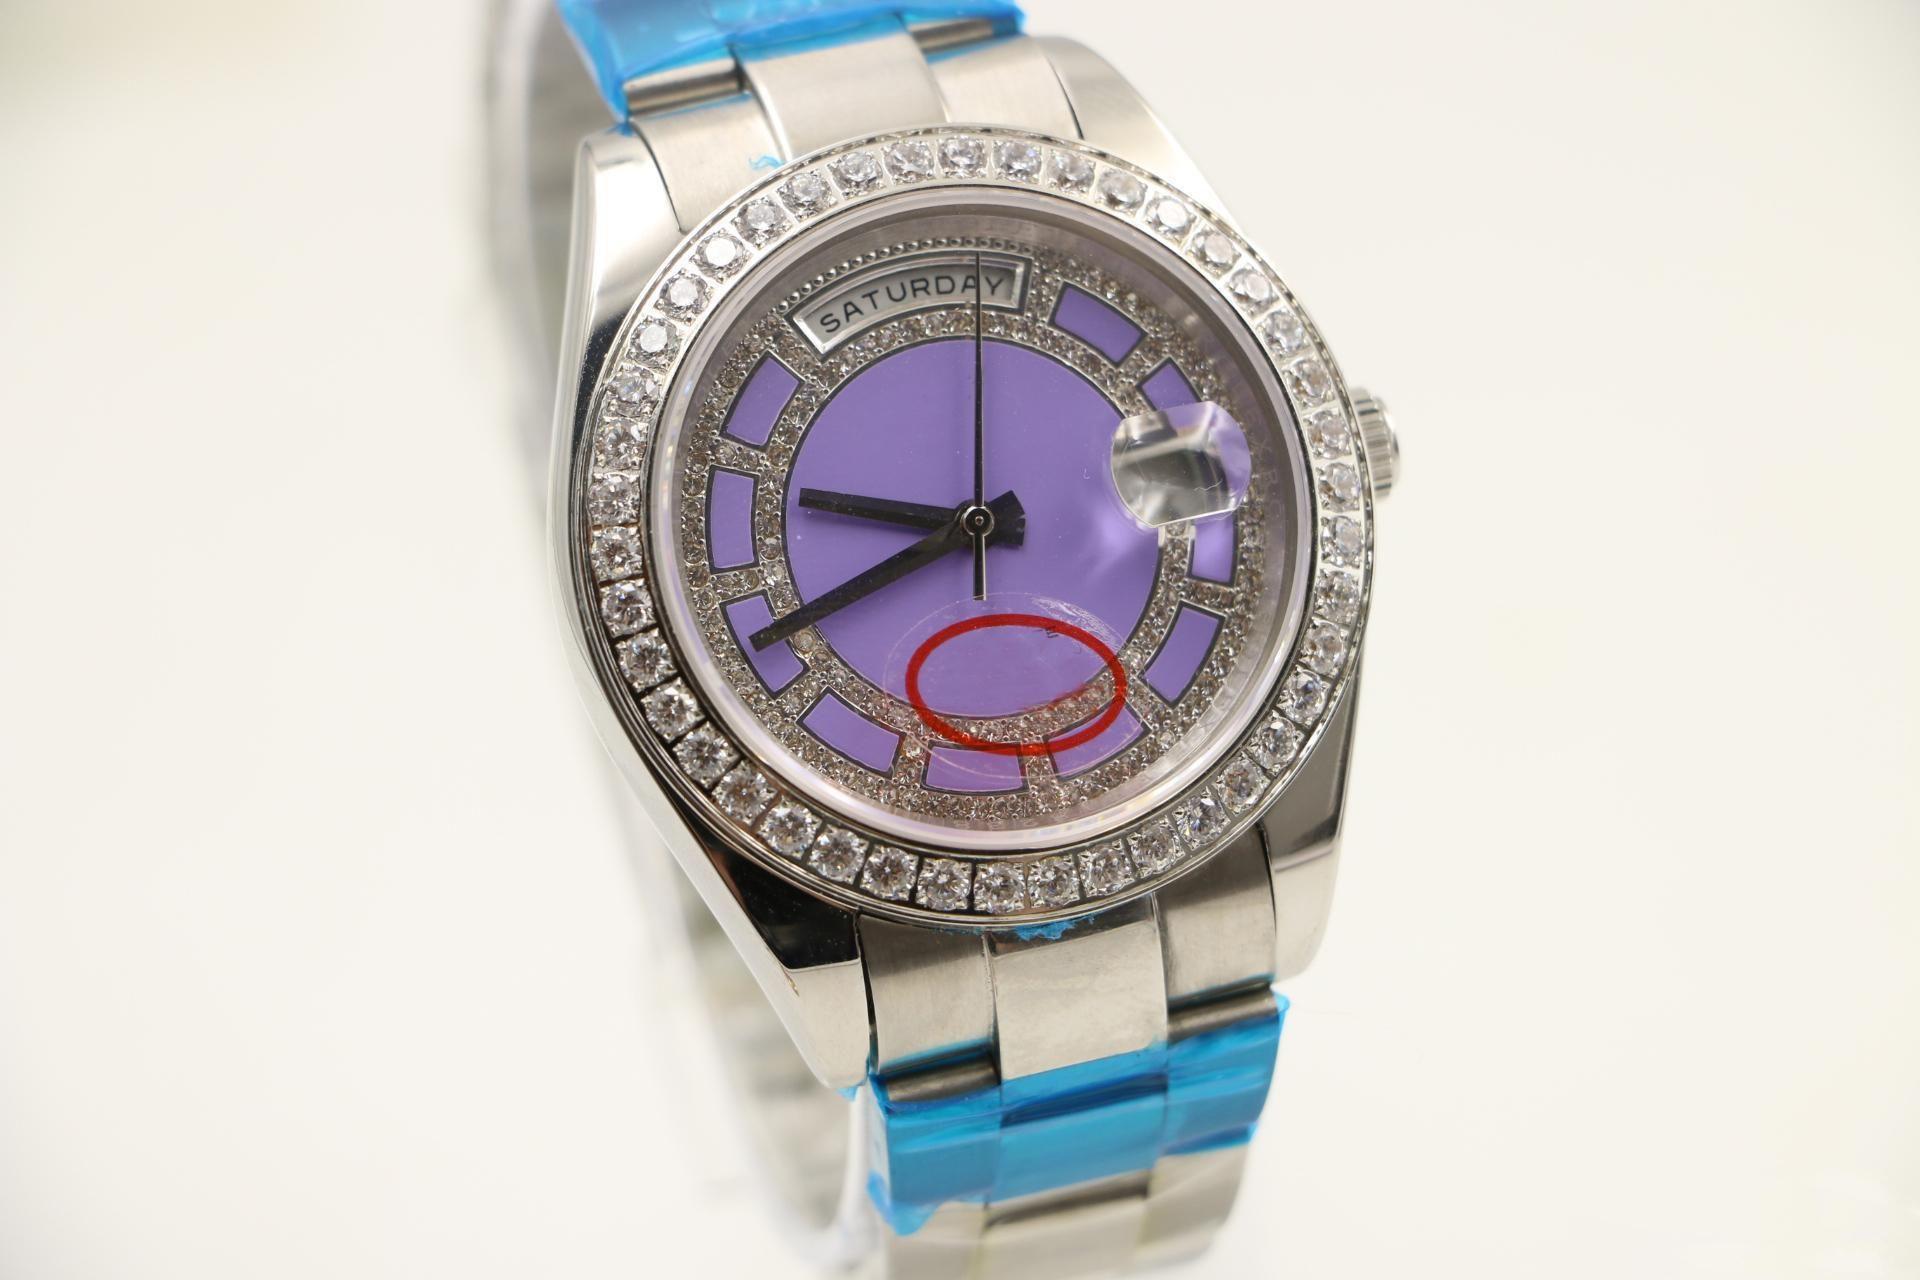 2019 뜨거운 판매 40mm 자동 시계 시계 시계 날짜 날짜 표시 라운드 다이아몬드 전화 스테인레스 보라색 다이얼 케이스